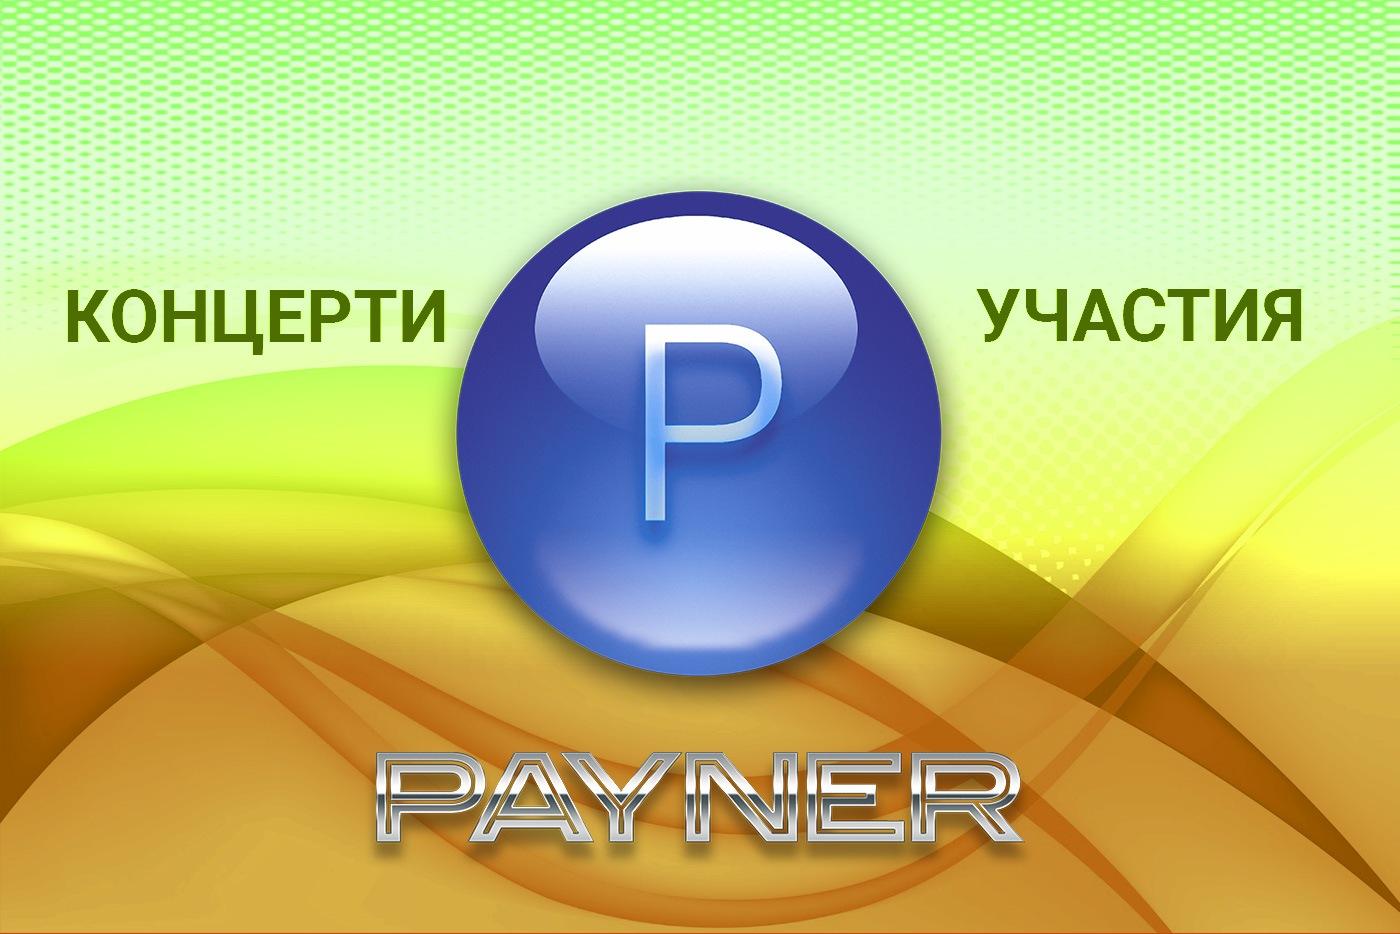 """Участия на звездите на """"Пайнер"""" на 12.07.2020"""